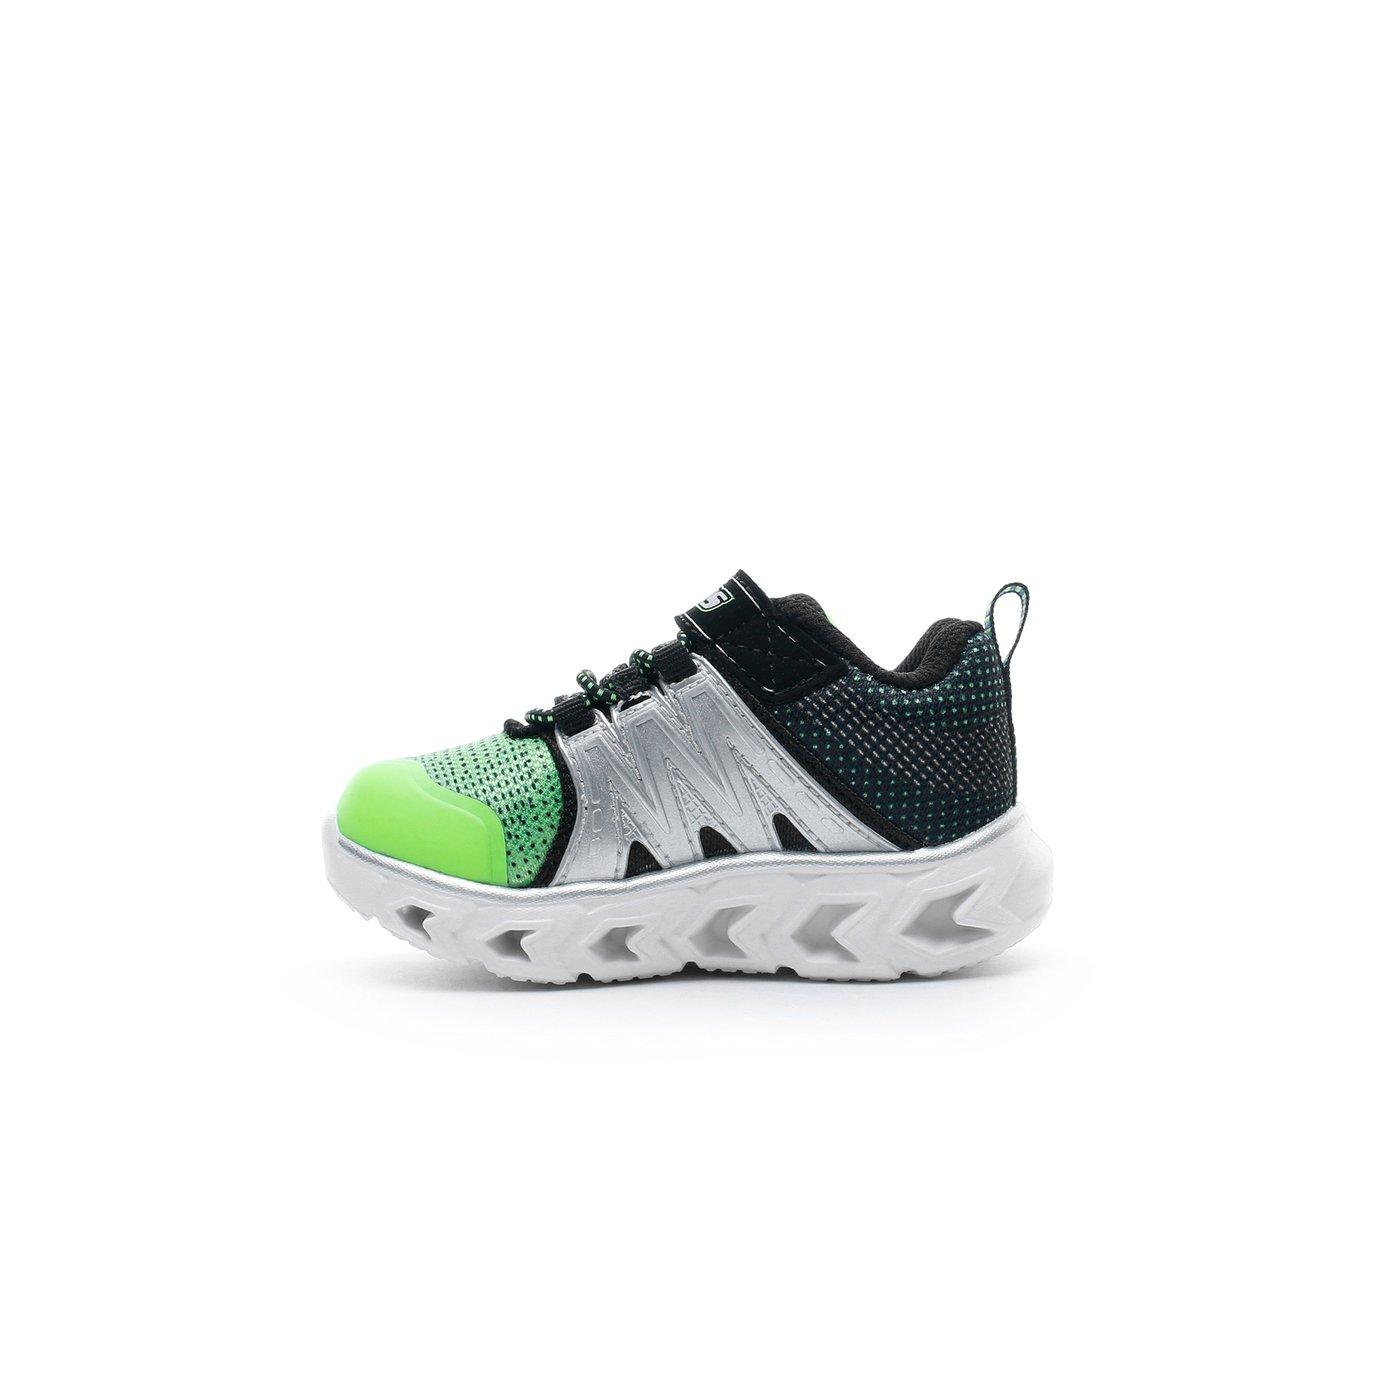 Skechers Hypno-Flash 2.0 Işıklı Yeşil - Siyah Bebek Spor Ayakkabı